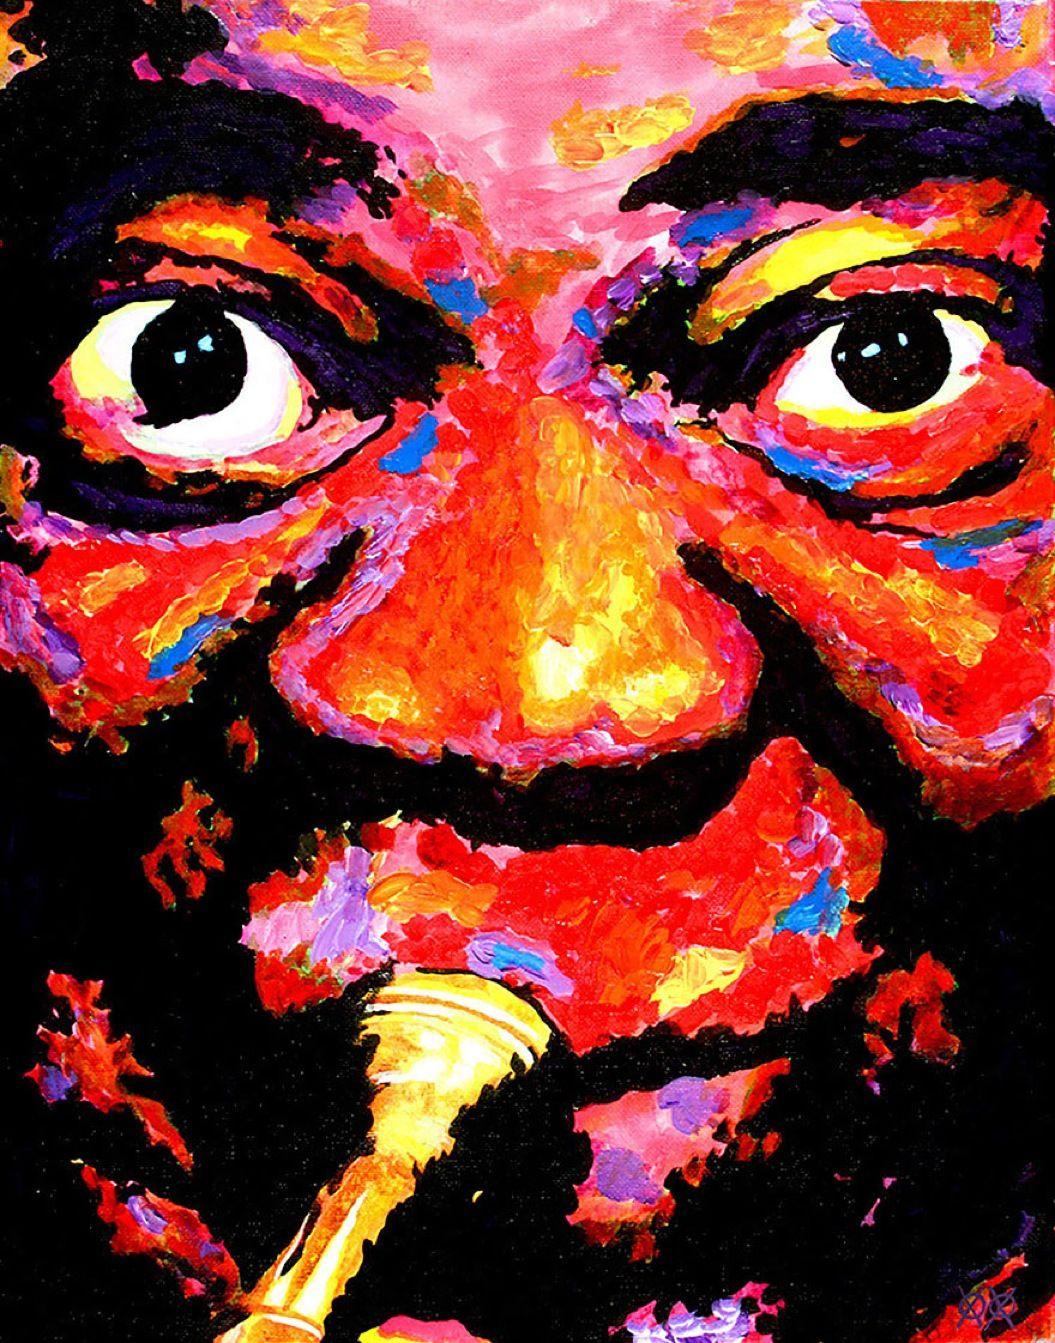 85singo_blind-painter-john-bramblitt-16